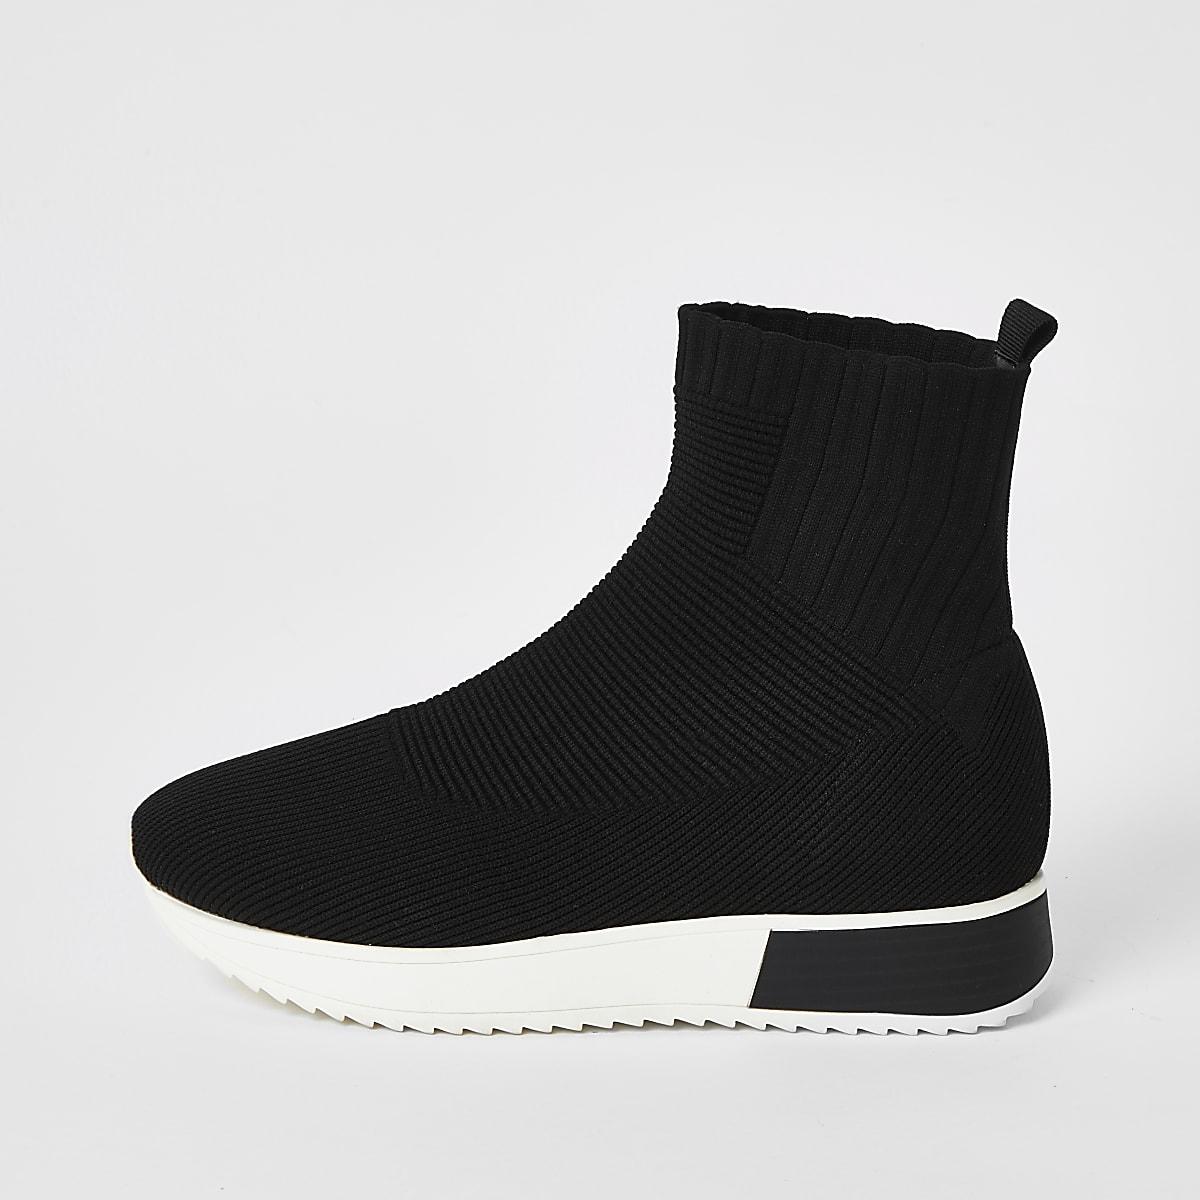 Zwarte gebreide sokvormigesneakers